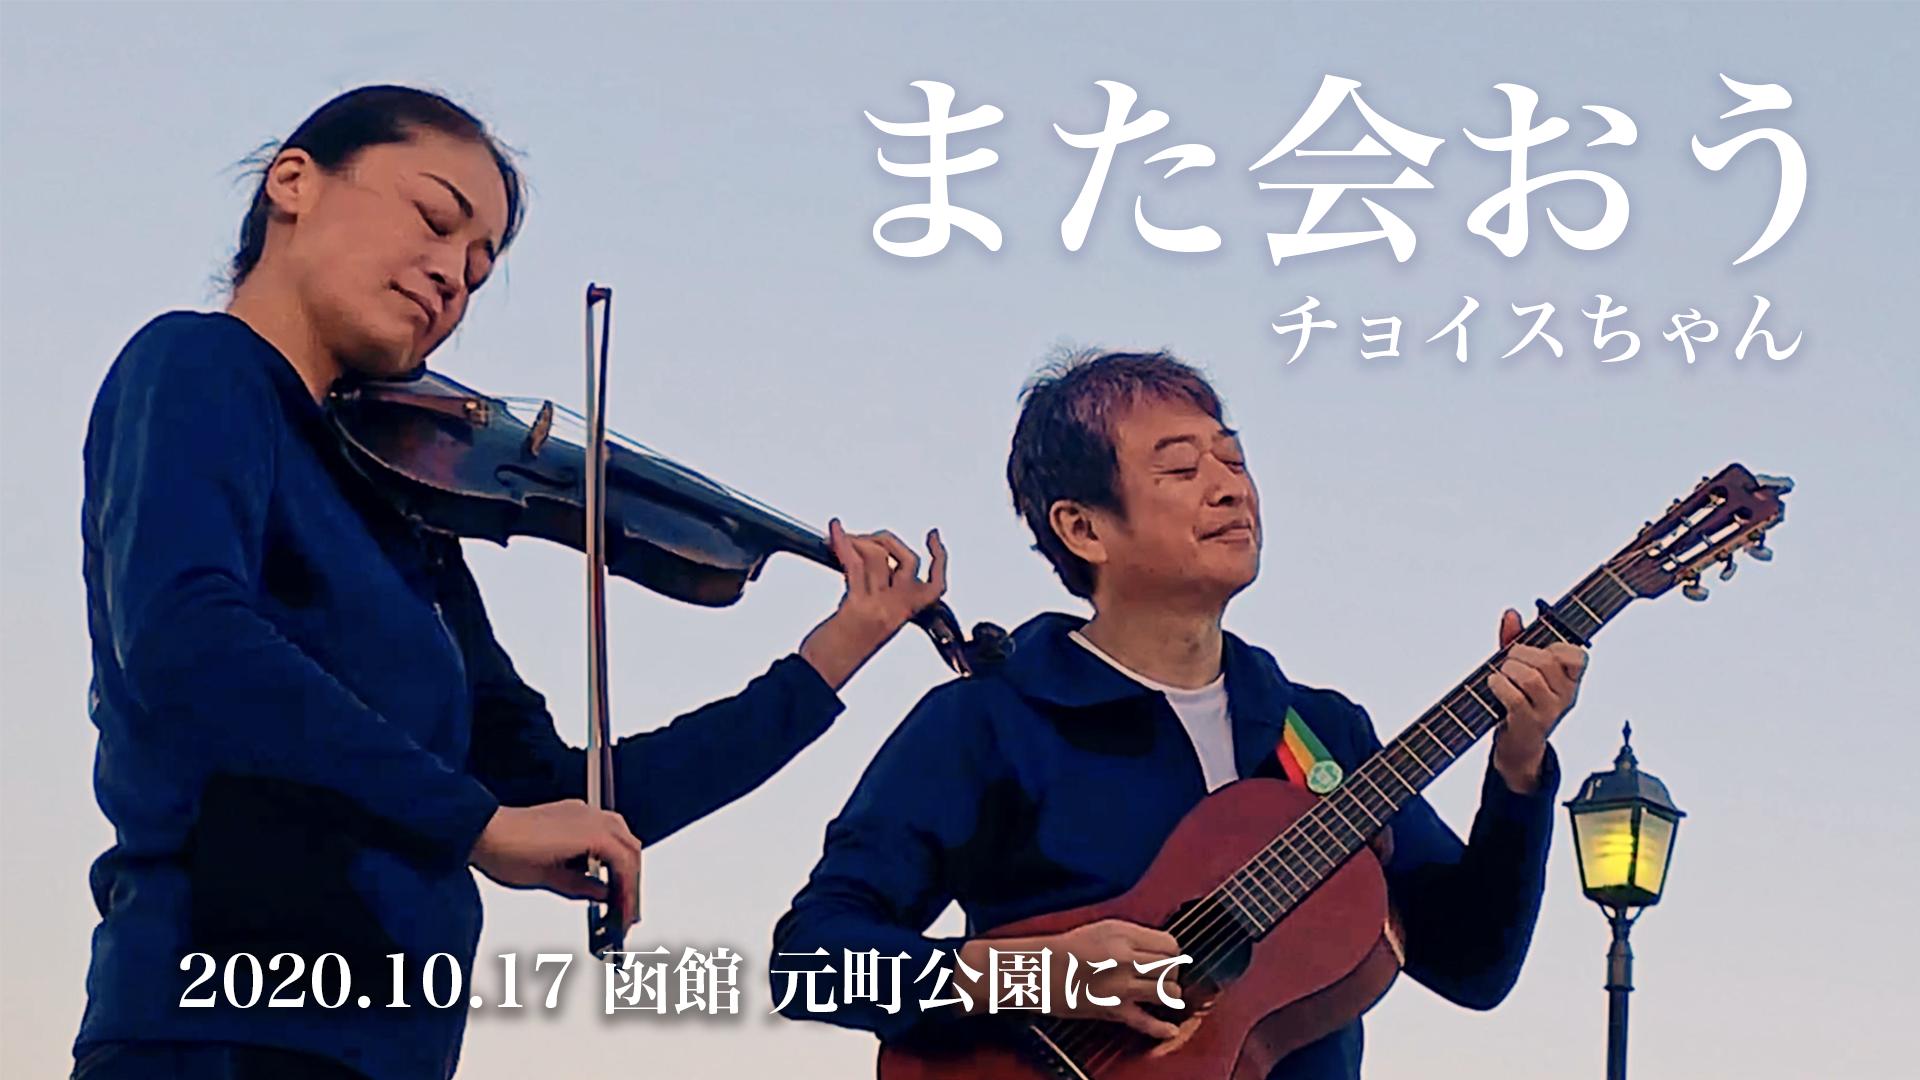 公開!!チョイスちゃん MV「また会おう」2020/10/17 函館・元町公園にて